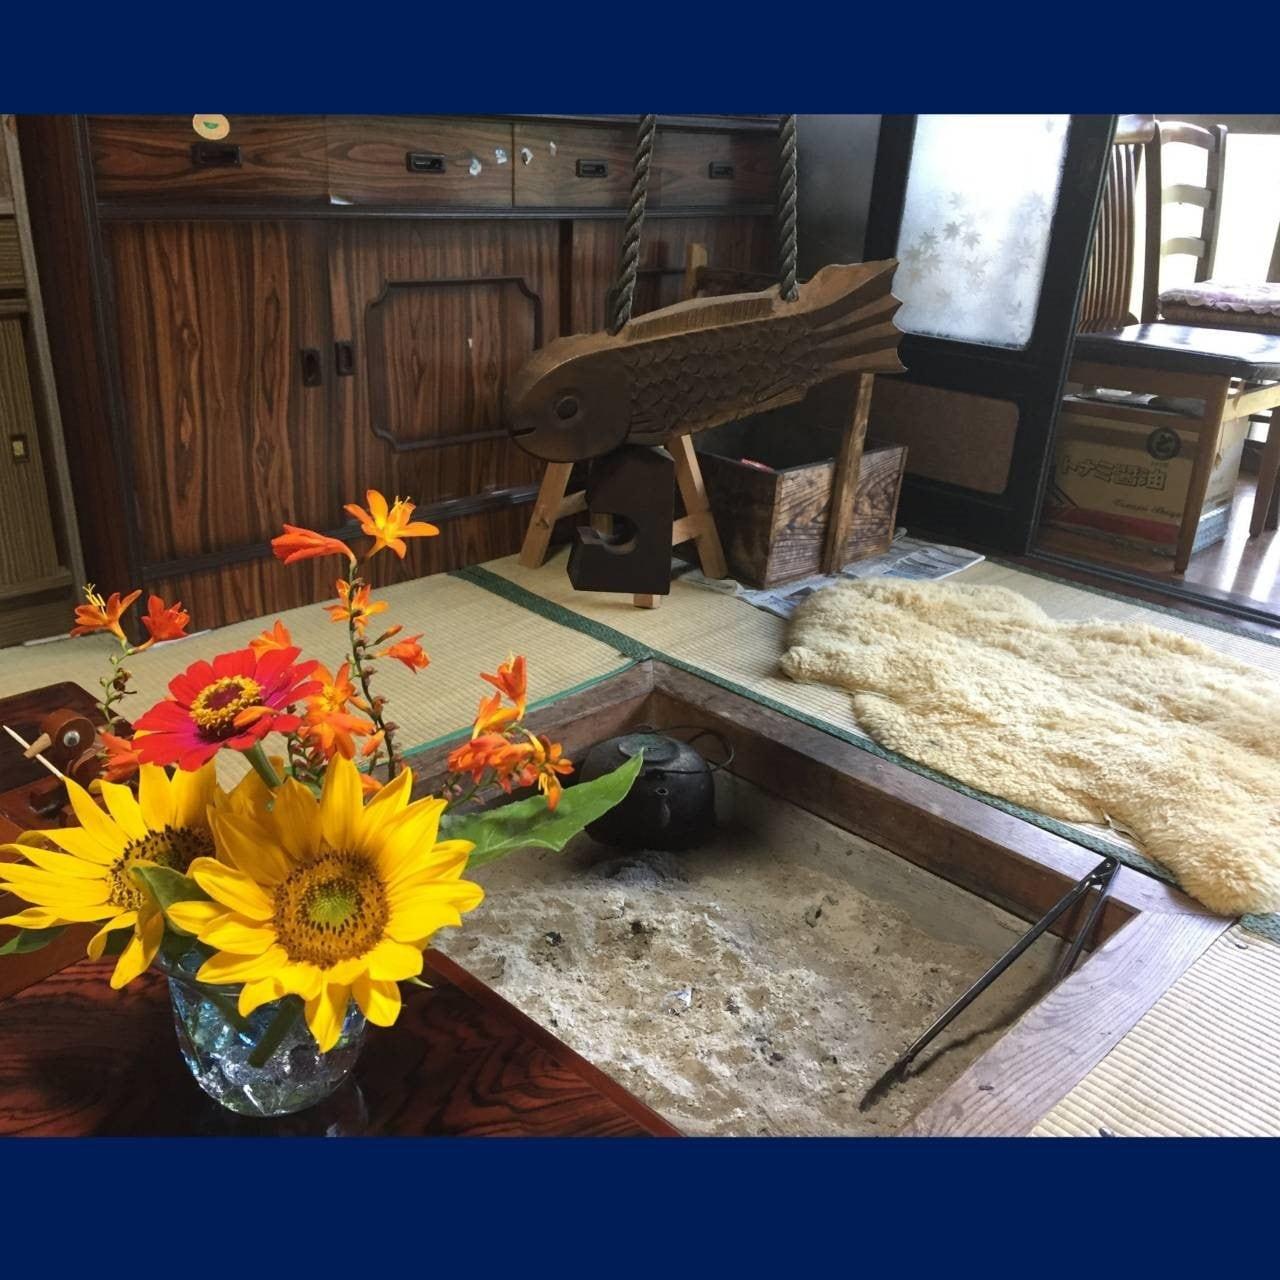 【第二の故郷づくりオフ会】淡路島の方と淡路島料理を食べよう!@新橋・銀座のイメージその2